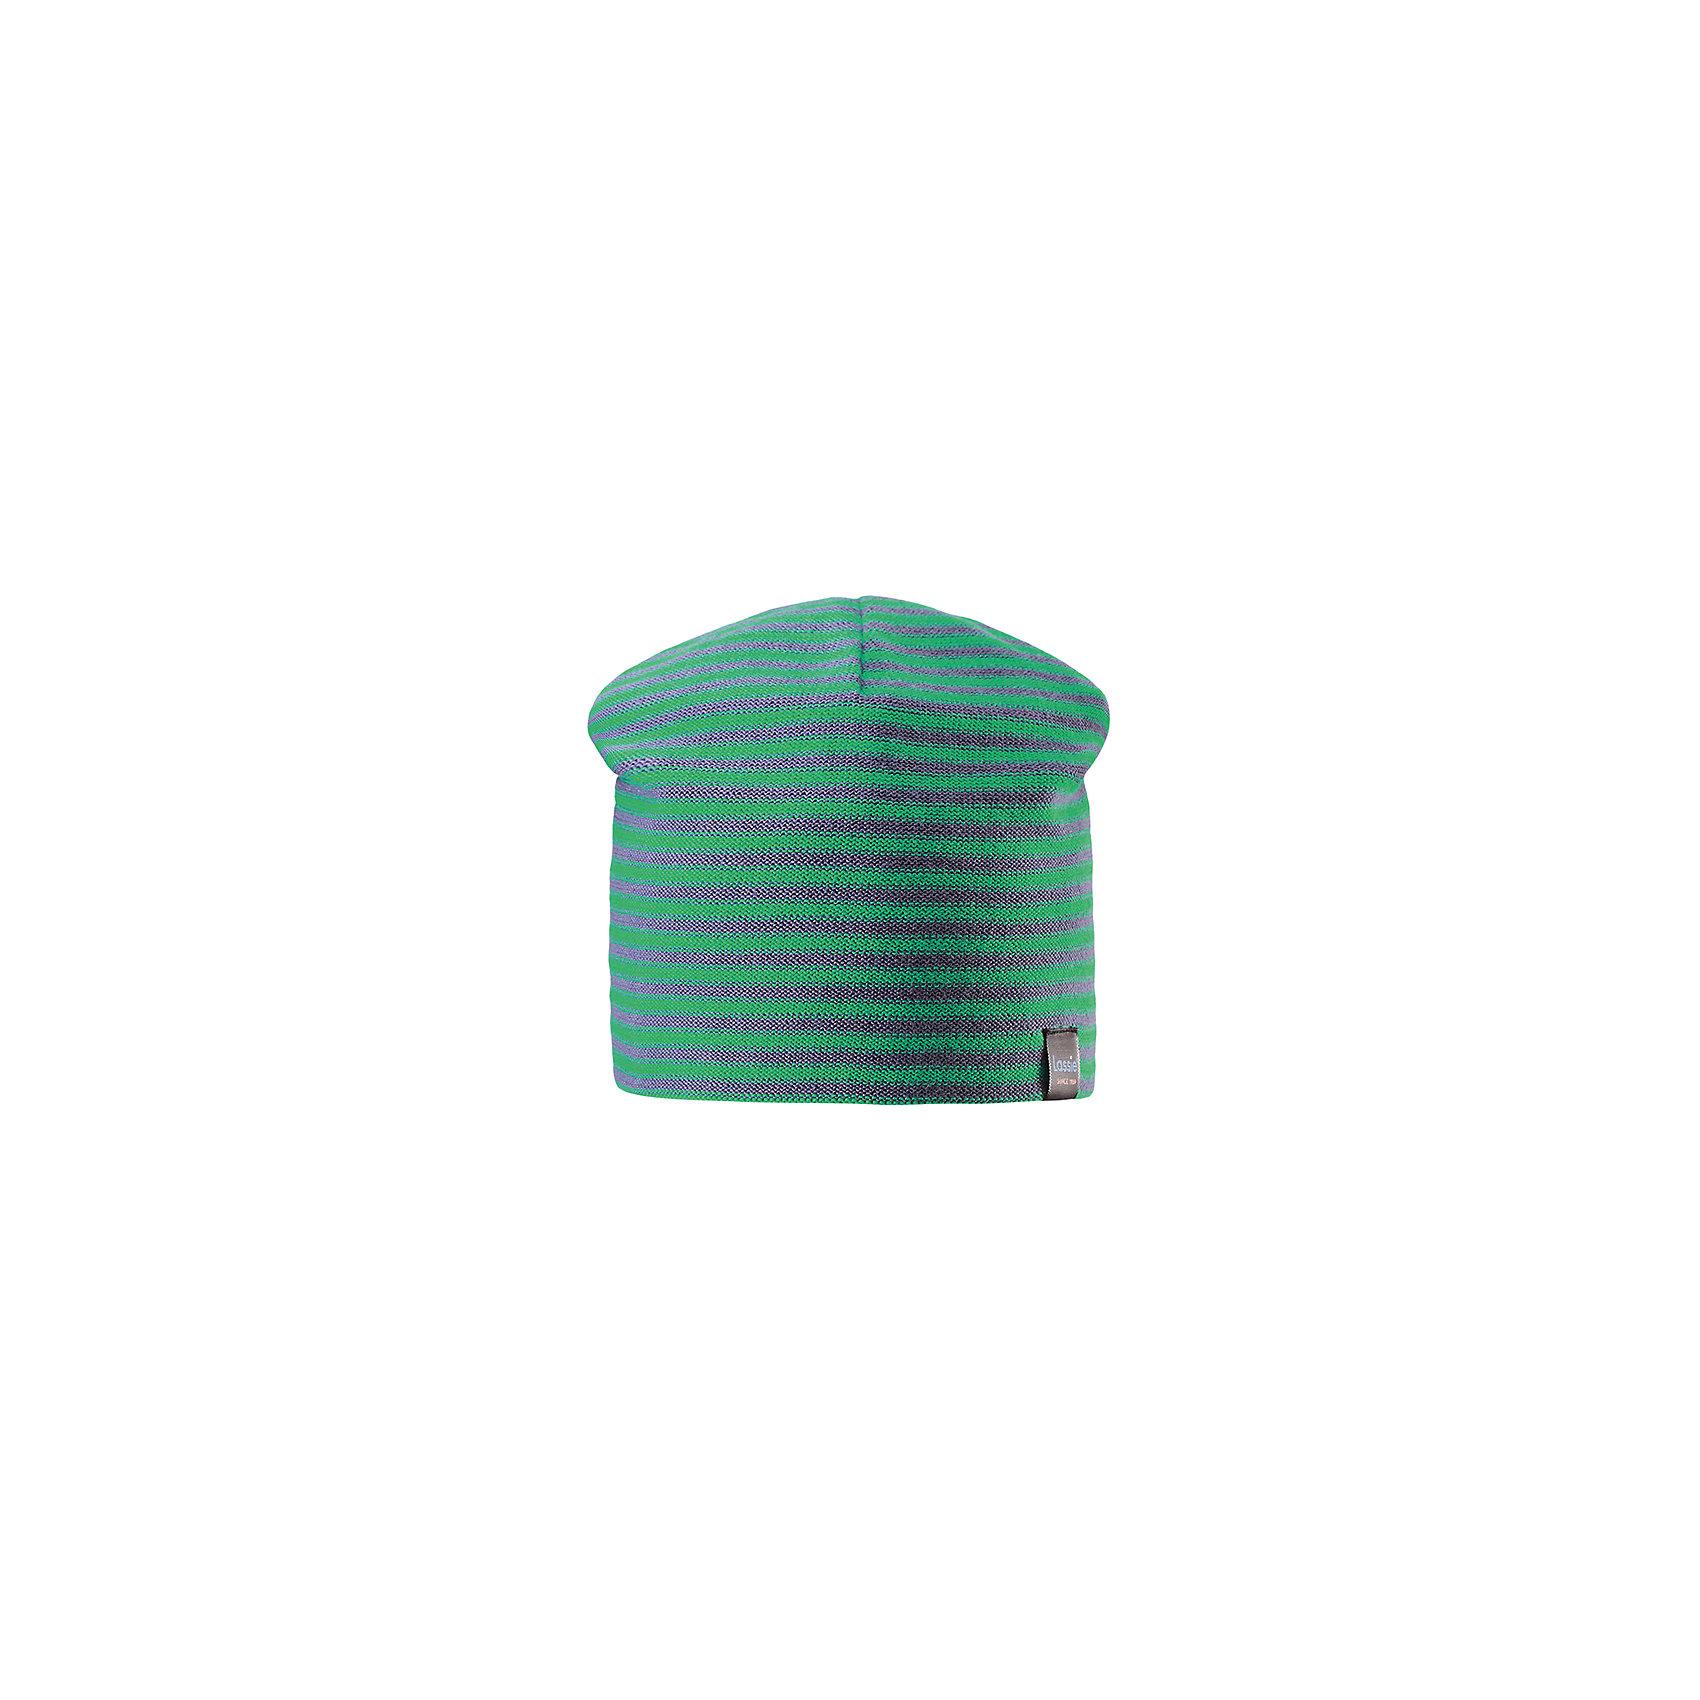 Шапка LASSIEШапки и шарфы<br>Характеристики товара:<br><br>• цвет: зеленый<br>• состав: 100% хлопок<br>• температурный режим: от +15°до +5°С<br>• эластичный хлопковый трикотаж<br>• мягкая сплошная подкладка: смесь хлопка jersey<br>• узор из цветных полос<br>• декоративная эмблема<br>• комфортная посадка<br>• страна производства: Китай<br>• страна бренда: Финляндия<br>• коллекция: весна-лето 2017<br><br>Детский головной убор может быть модным и удобным одновременно! Стильная шапка поможет обеспечить ребенку комфорт и дополнить наряд. Она отлично смотрится с различной одеждой. Шапка удобно сидит и аккуратно выглядит. Проста в уходе, долго служит. Продуманный крой разрабатывался специально для детей.<br><br>Обувь и одежда от финского бренда LASSIE by Reima пользуются популярностью во многих странах. Они стильные, качественные и удобные. Для производства продукции используются только безопасные, проверенные материалы и фурнитура. Порадуйте ребенка модными и красивыми вещами от Lassie®! <br><br>Шапку от финского бренда LASSIE by Reima можно купить в нашем интернет-магазине.<br><br>Ширина мм: 89<br>Глубина мм: 117<br>Высота мм: 44<br>Вес г: 155<br>Цвет: зеленый<br>Возраст от месяцев: 12<br>Возраст до месяцев: 18<br>Пол: Унисекс<br>Возраст: Детский<br>Размер: 46-48,54-56,50-52<br>SKU: 5264103